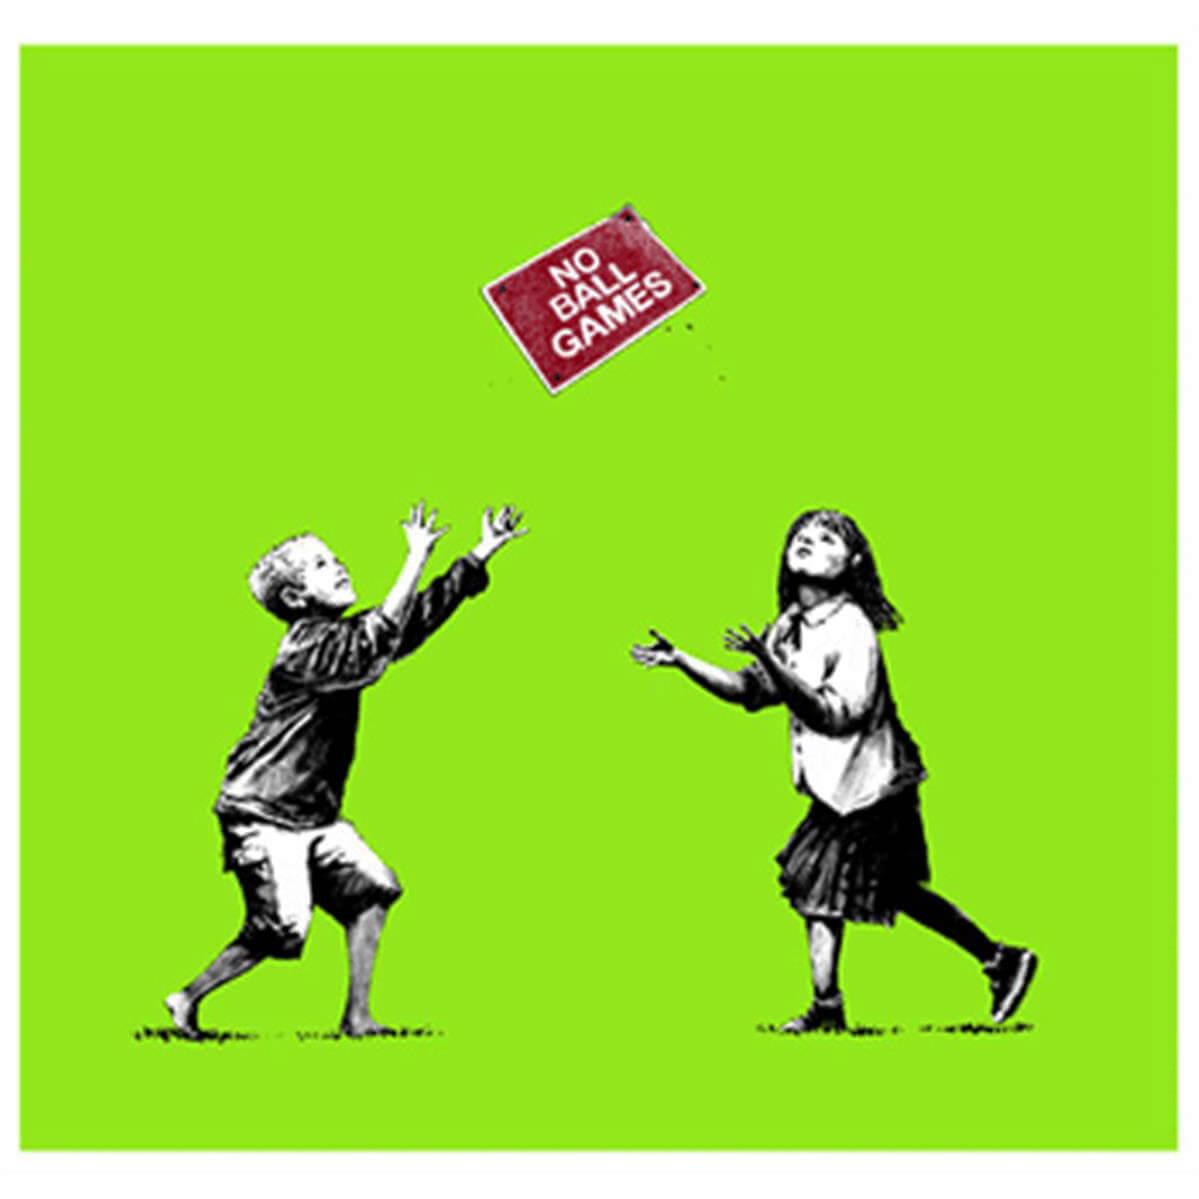 Banksy - No Ball Games (Green) Print (Signed)